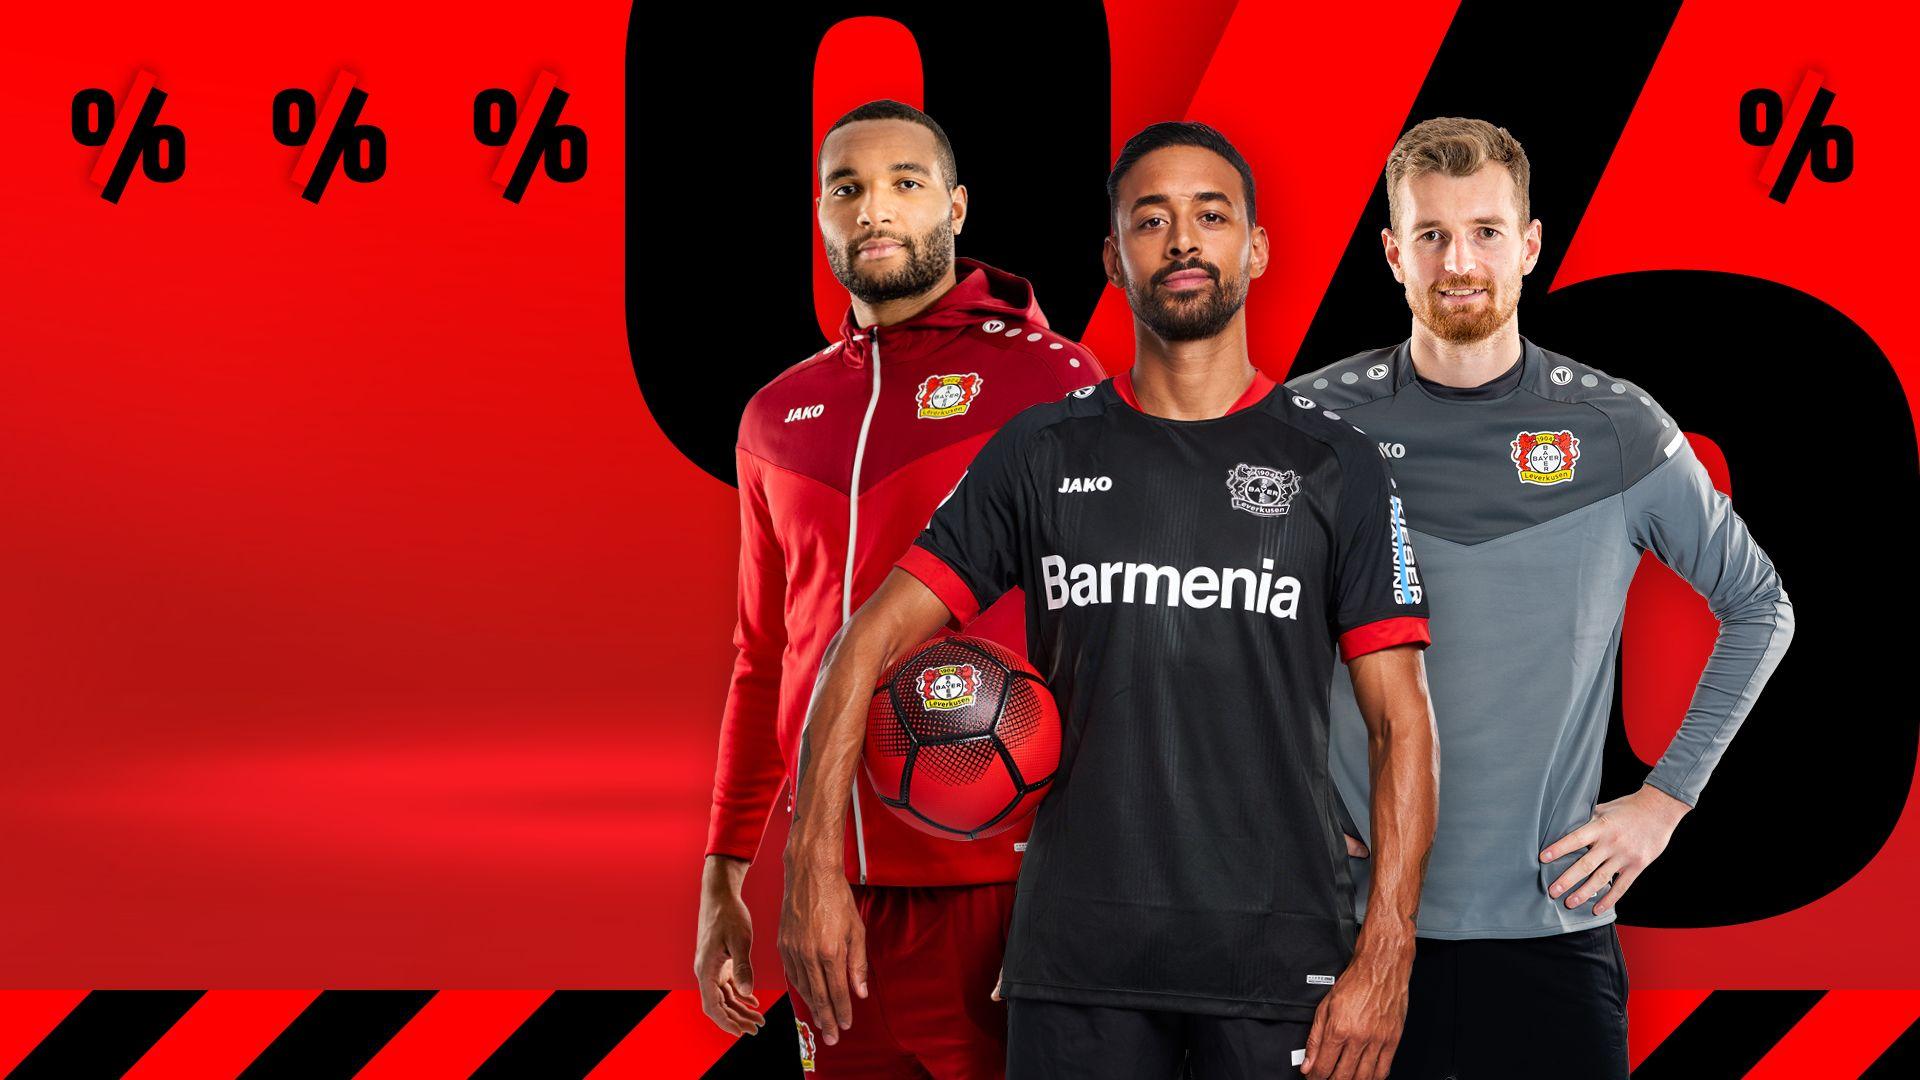 Jonathan Tah, Lukas Hradecky und Karim Bellarabi im Vordergrund. Bellarabi hält einen Fußball unterm Arm. Roter Hintergrund mit schwarzen Prozent-Zeichen.